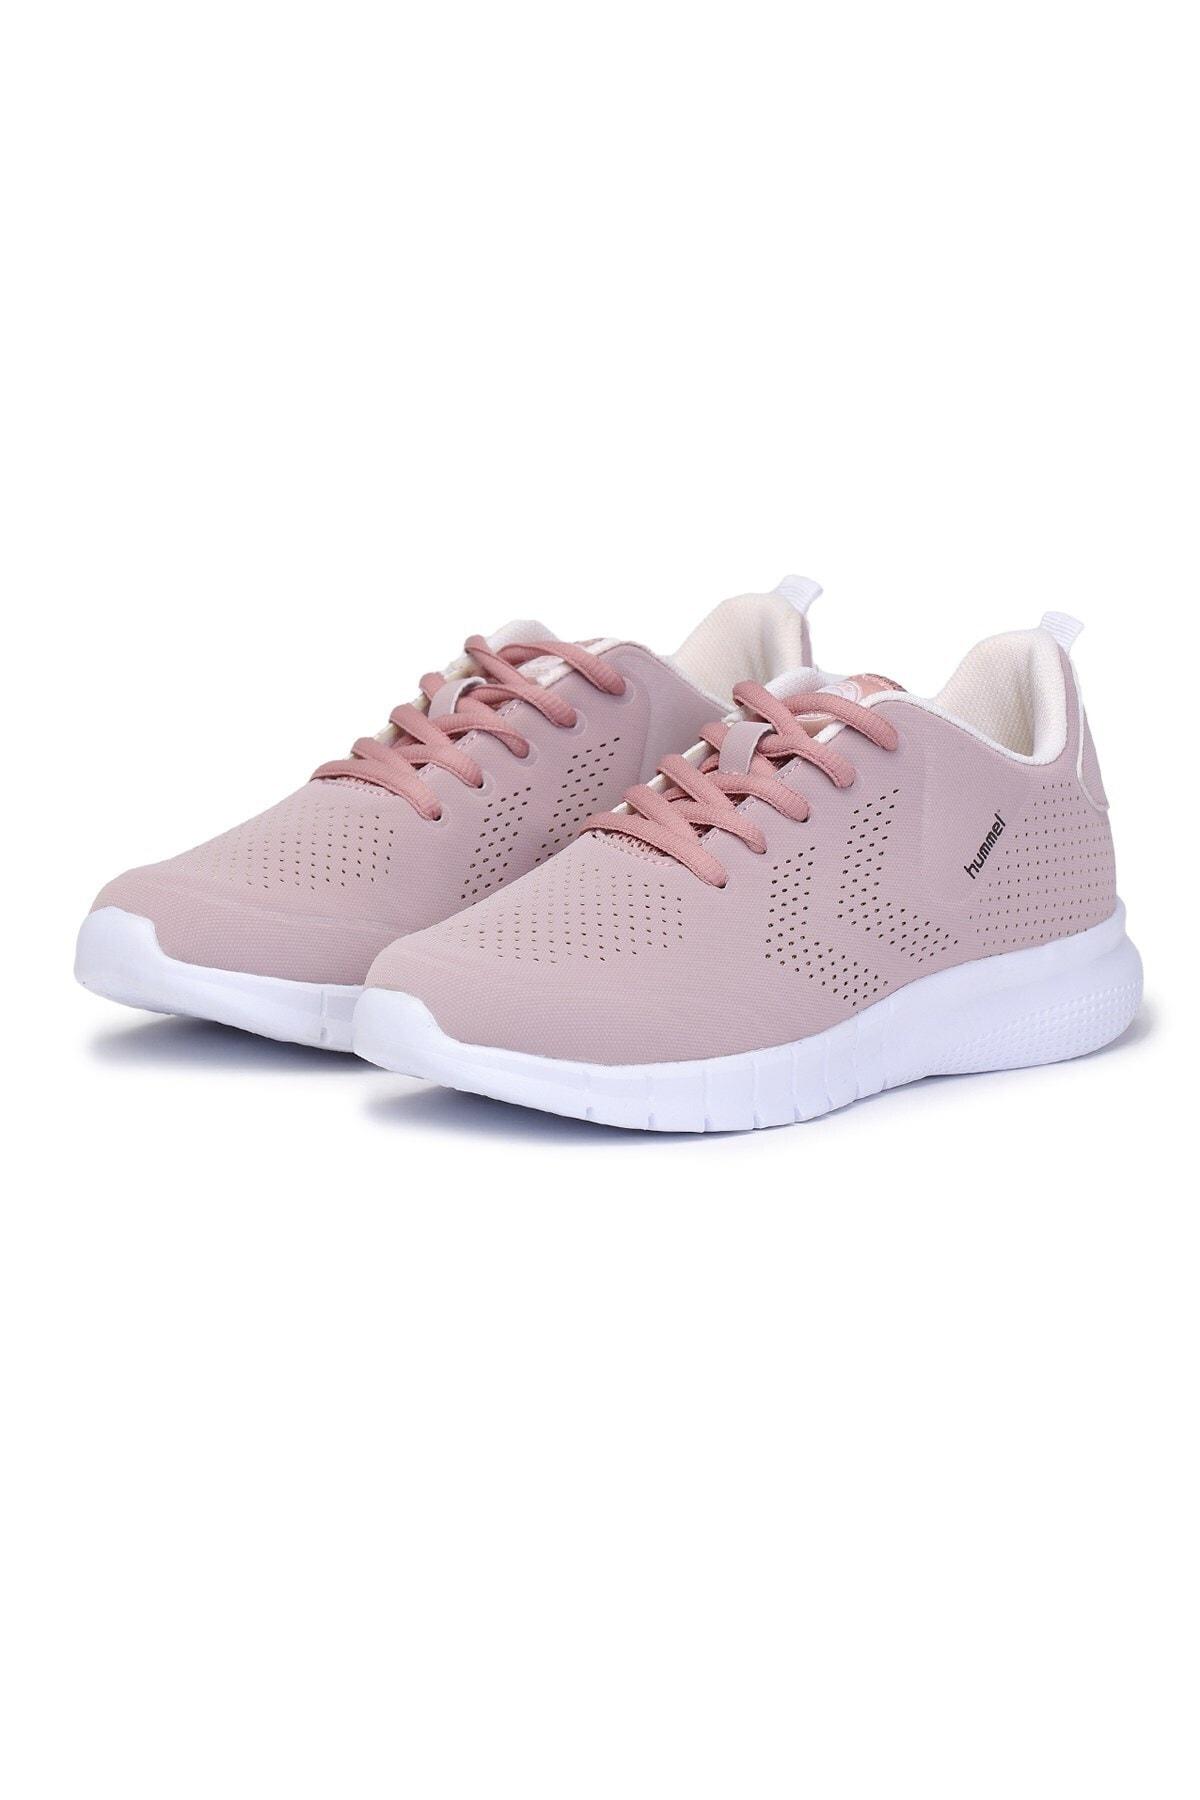 HUMMEL Hml Pegma Unısex Spor Ayakkabı Woodrose 2